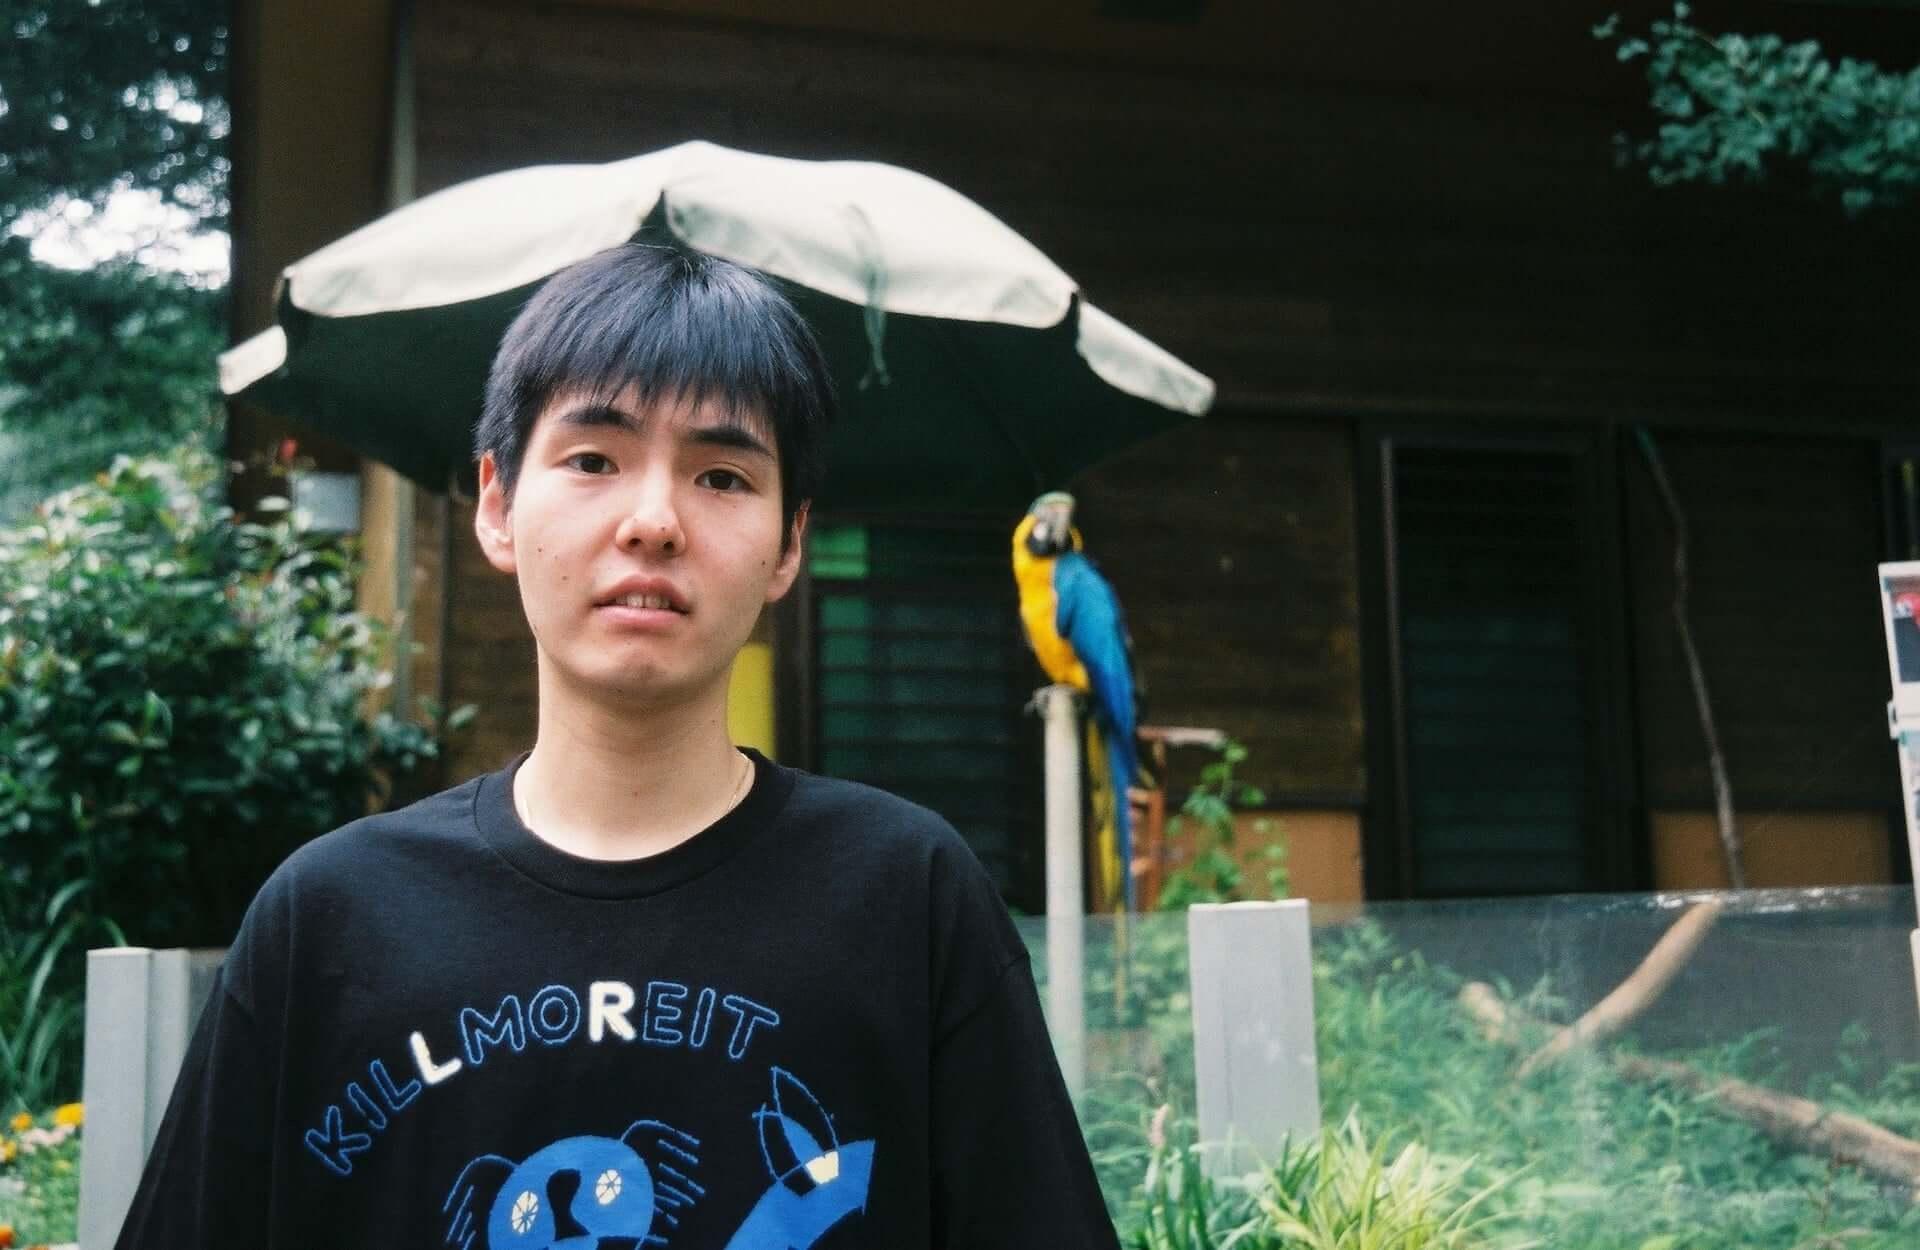 フジロック3日目に出演|新鋭ラッパー・dodo x Ryu OkuboによるコラボTシャツが本日から予約開始 lifefashion190726dodo_13-1920x1250